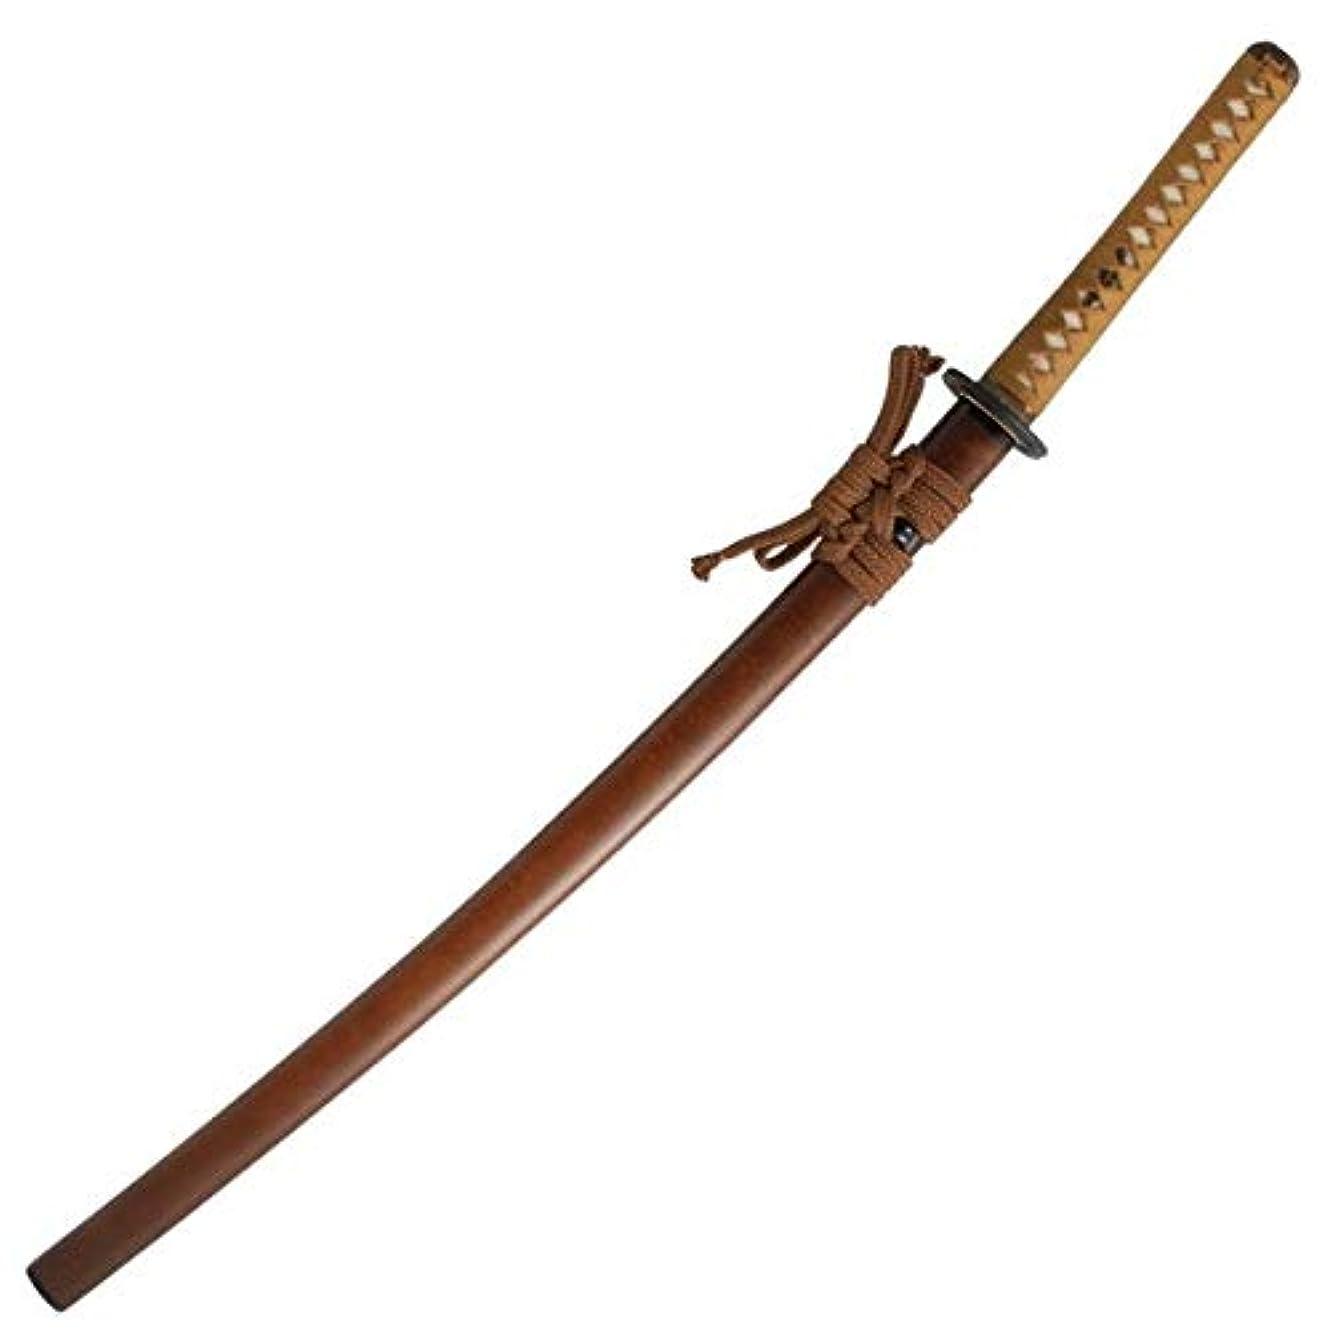 アジアペア起きろ模造刀 逆刃刀DX 極上研磨刀身(gst-sta-1906d)刀袋付 美術刀剣(代引き不可)